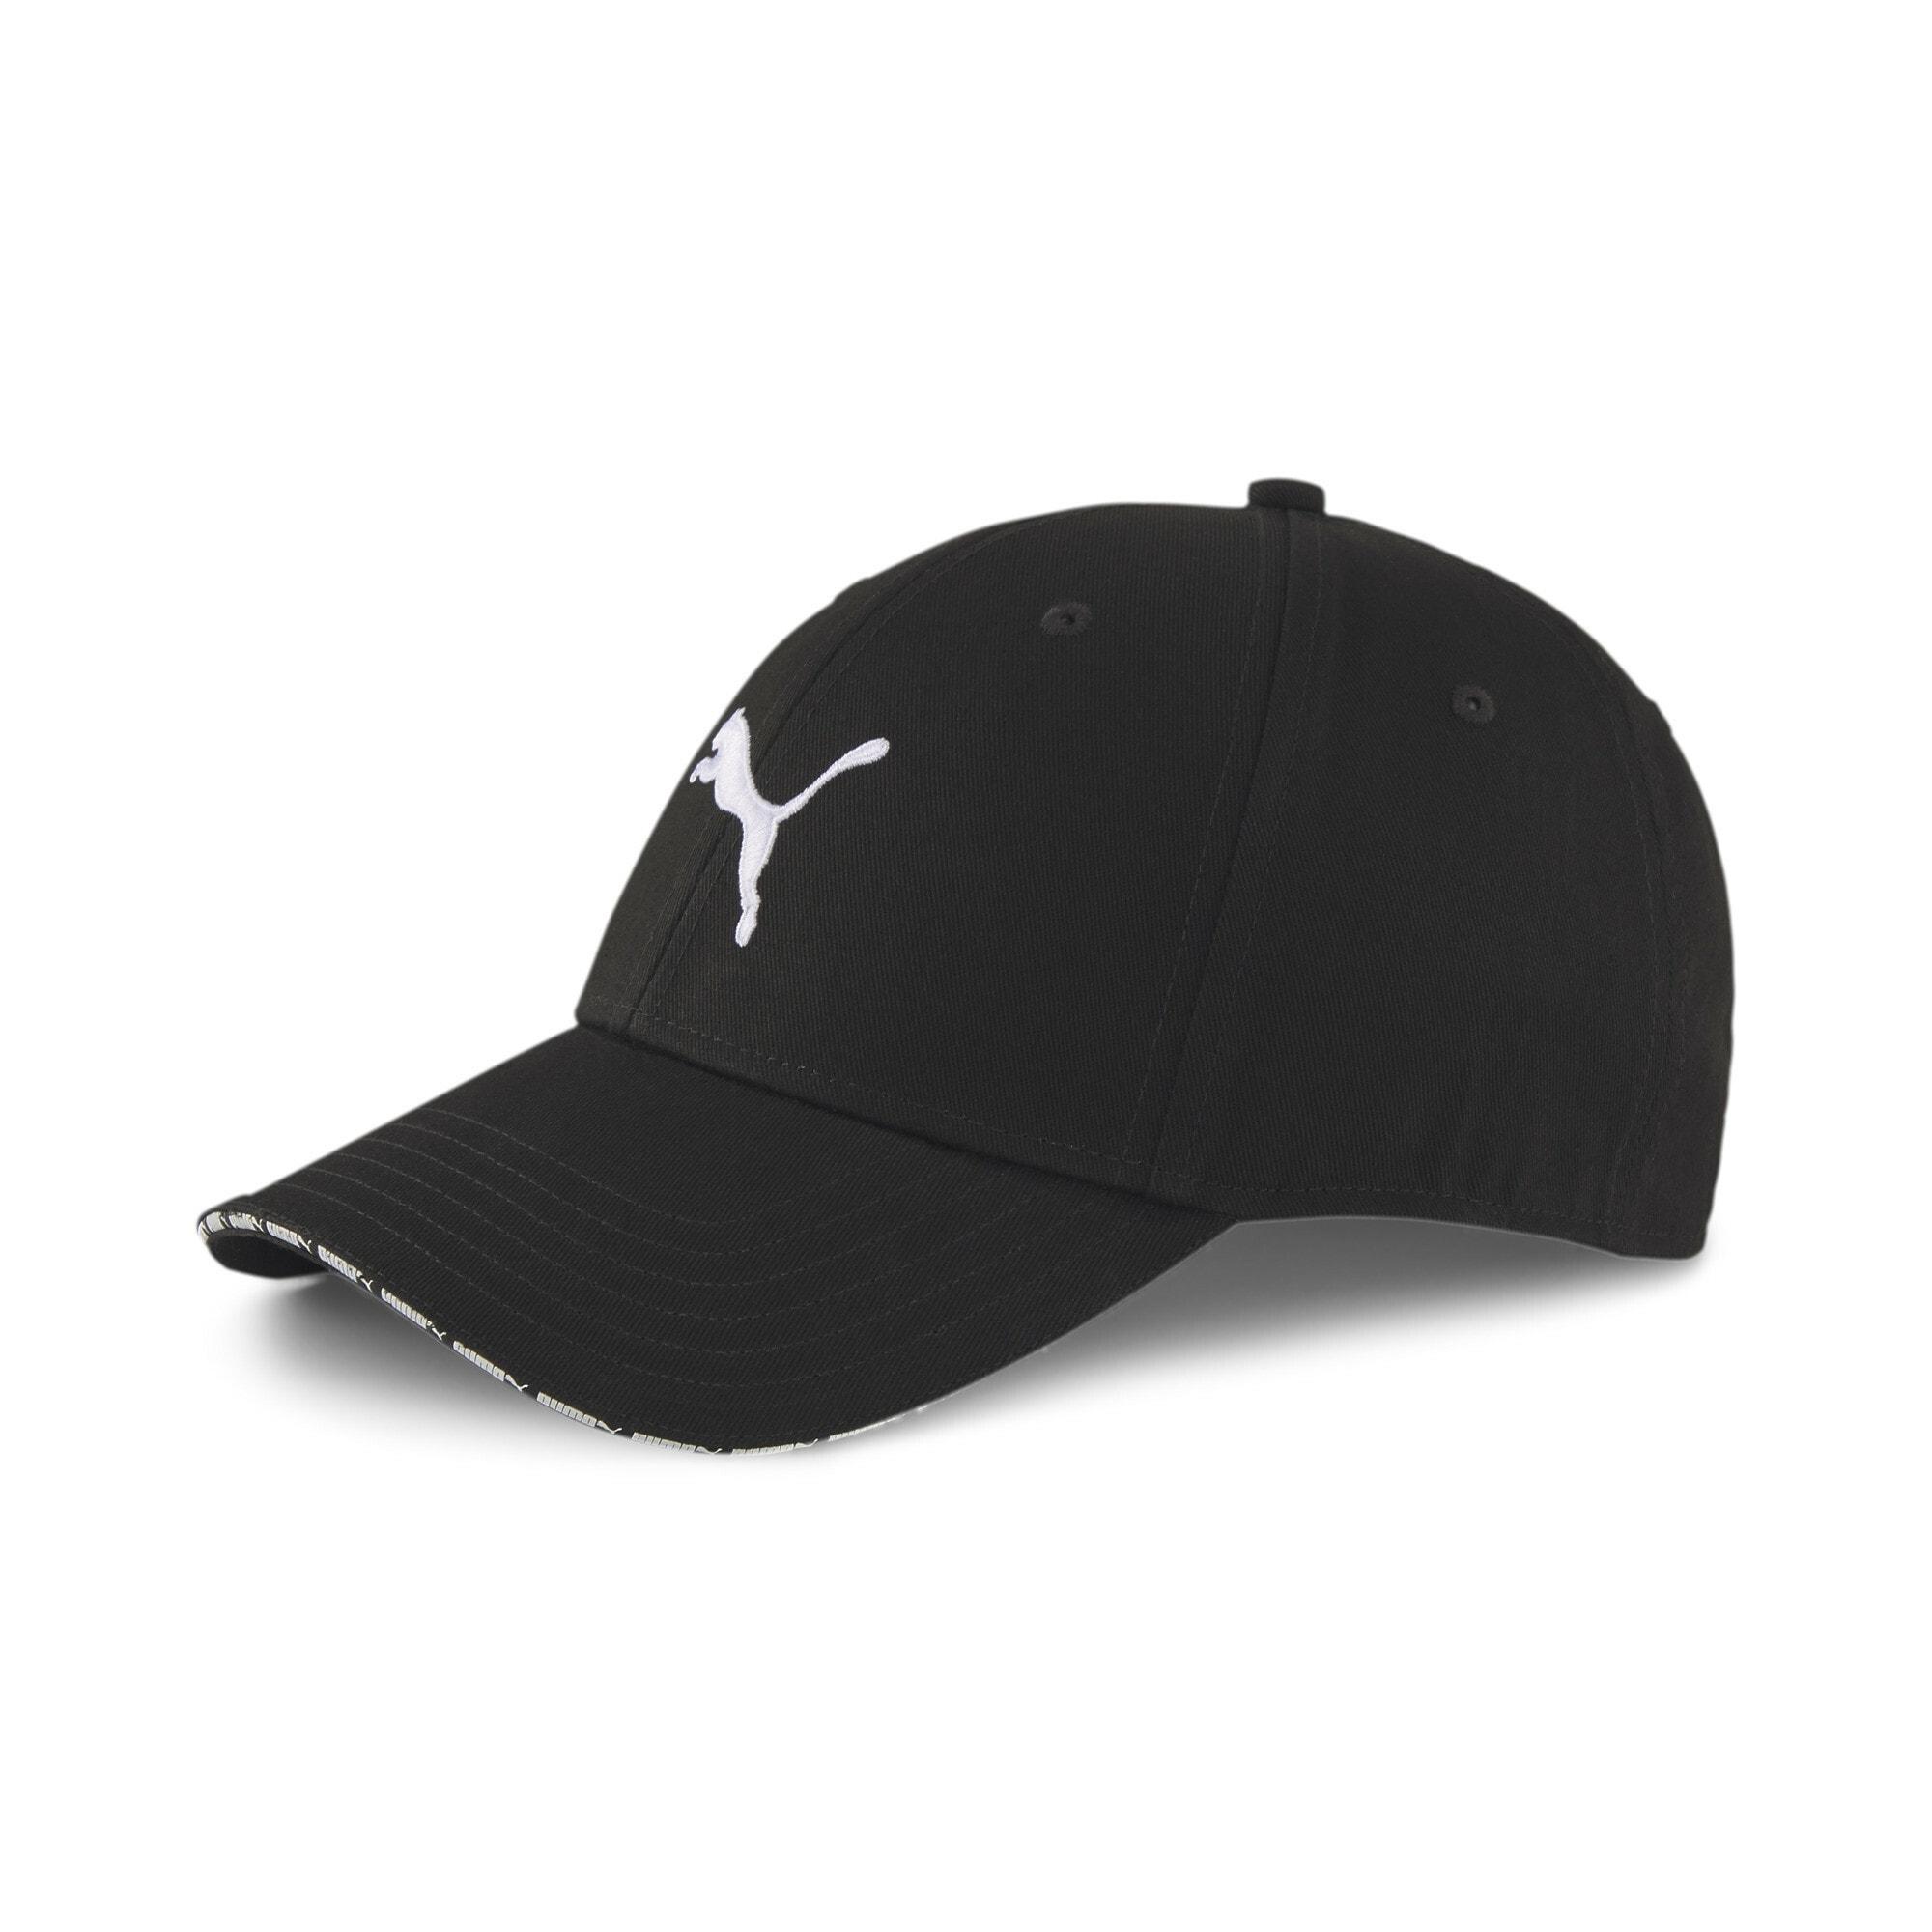 PUMA Cappello da baseball sportivo  nero / bianco male shop the look